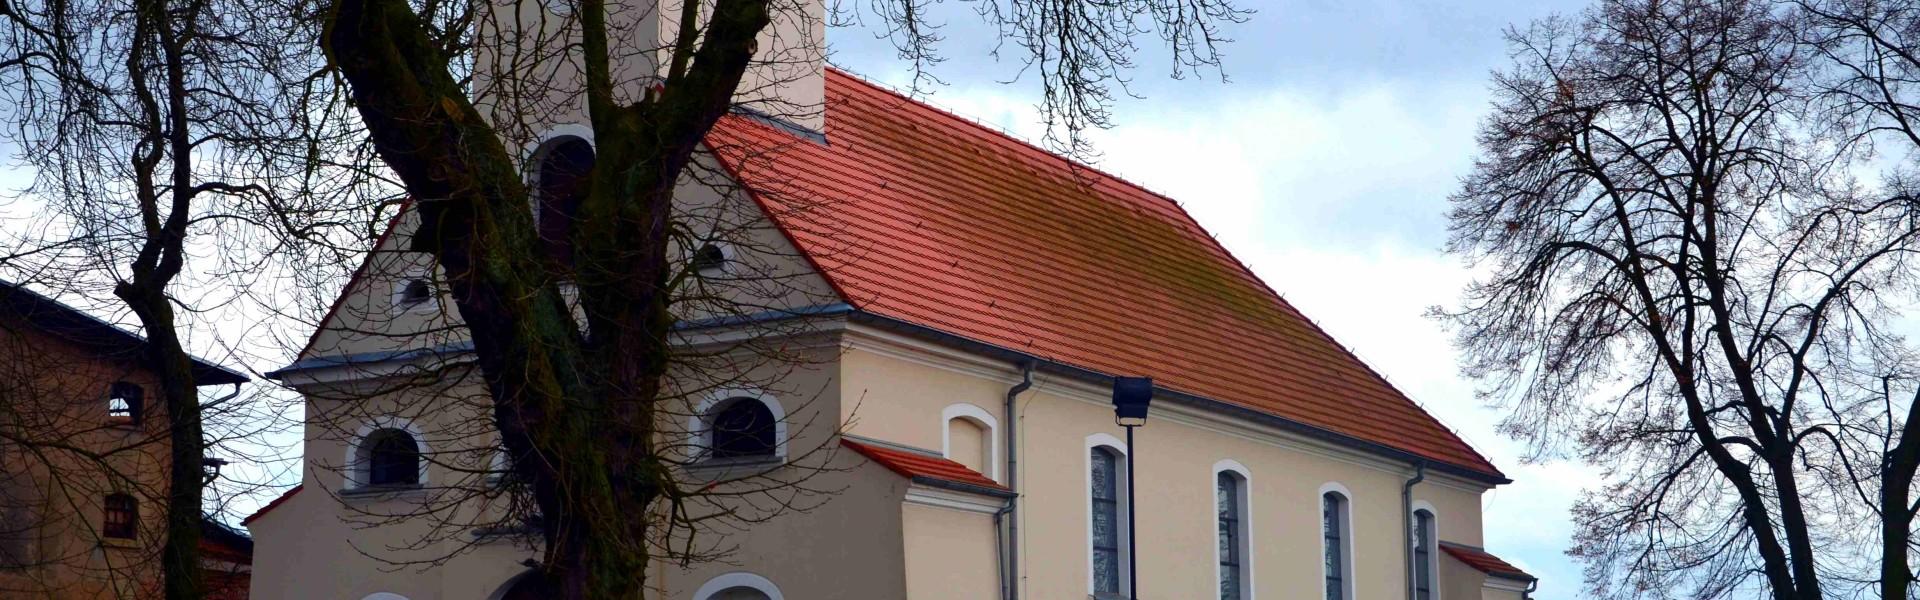 Parafia rzymskokatolicka pw. Nawiedzenia Najświętszej Maryi Panny w Luboszu  ARCHIDIECEZJA POZNAŃSKA